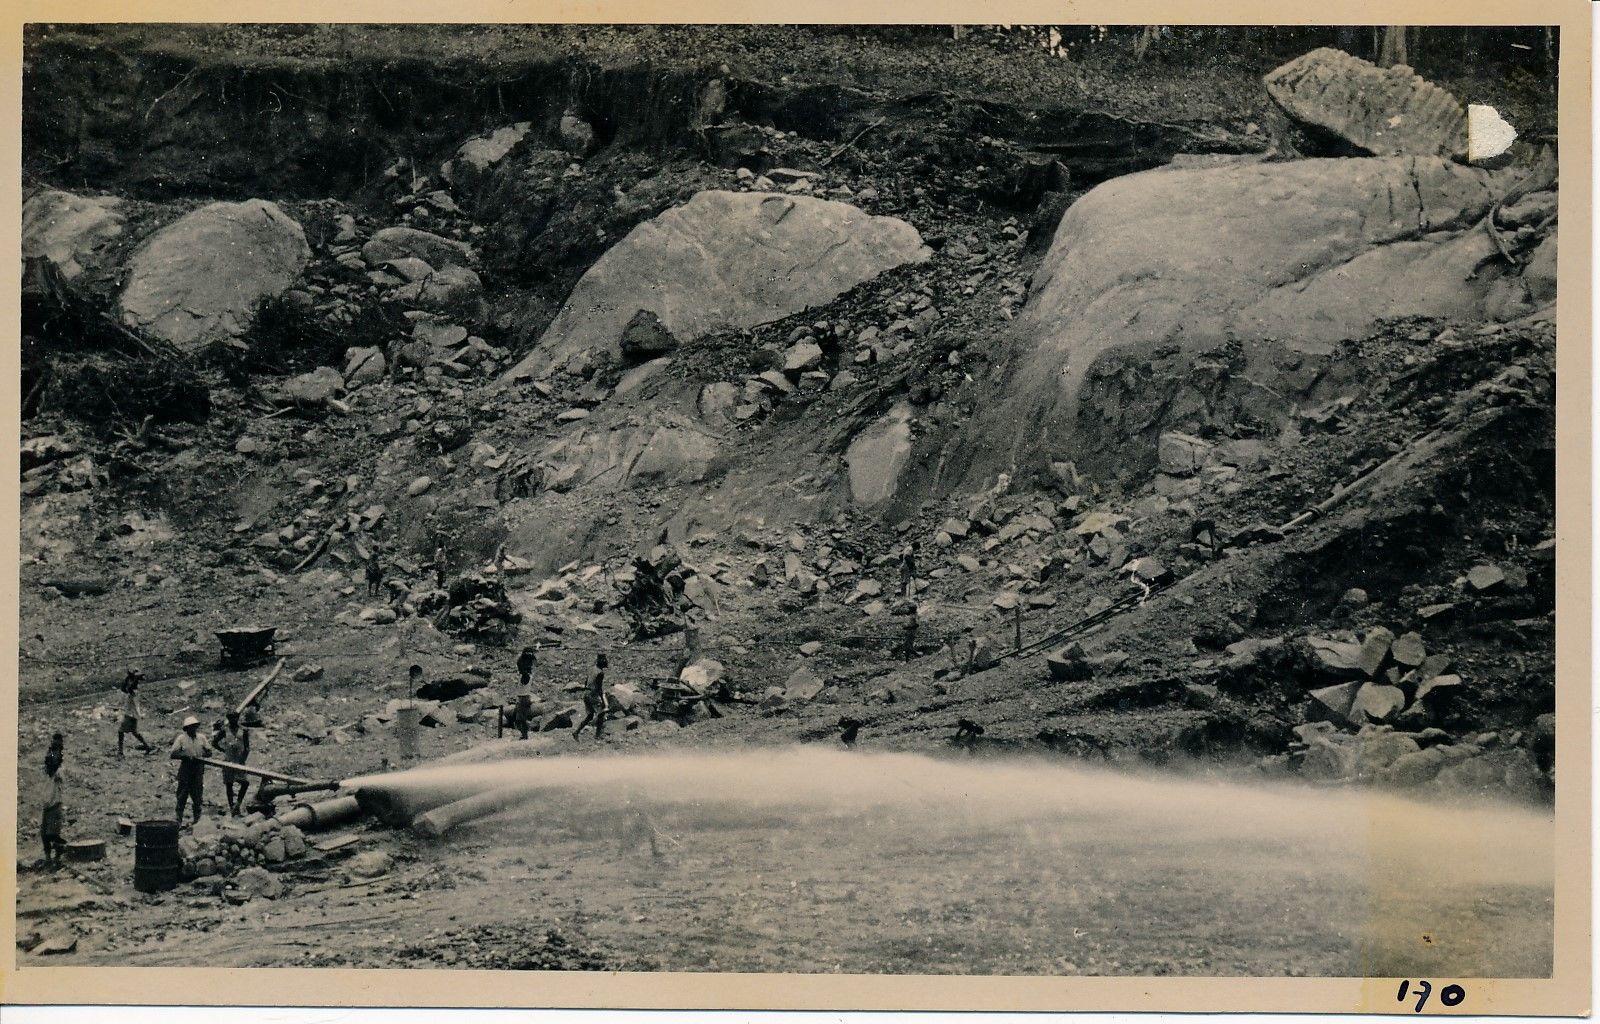 1935. Карьер 102 км. Вид обнаруженных скальных пород